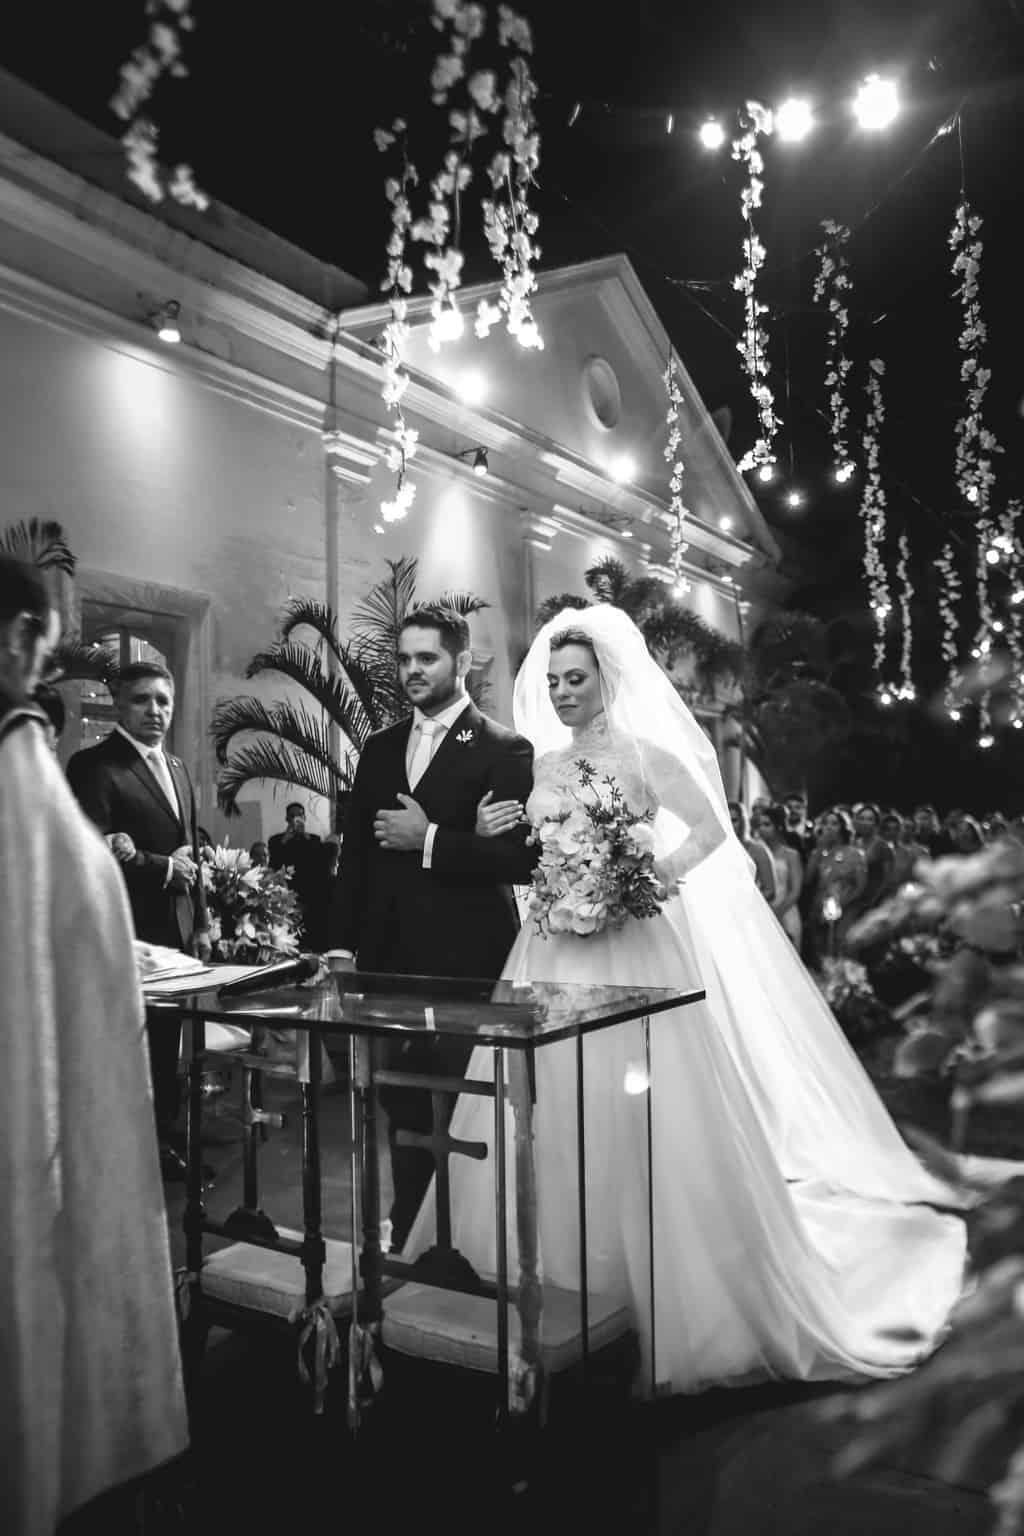 casamento-Juliana-e-Eduardo-cerimonia-Fotografia-Ricardo-Nascimento-e-Thereza-magno-Usina-dois-irmãos53